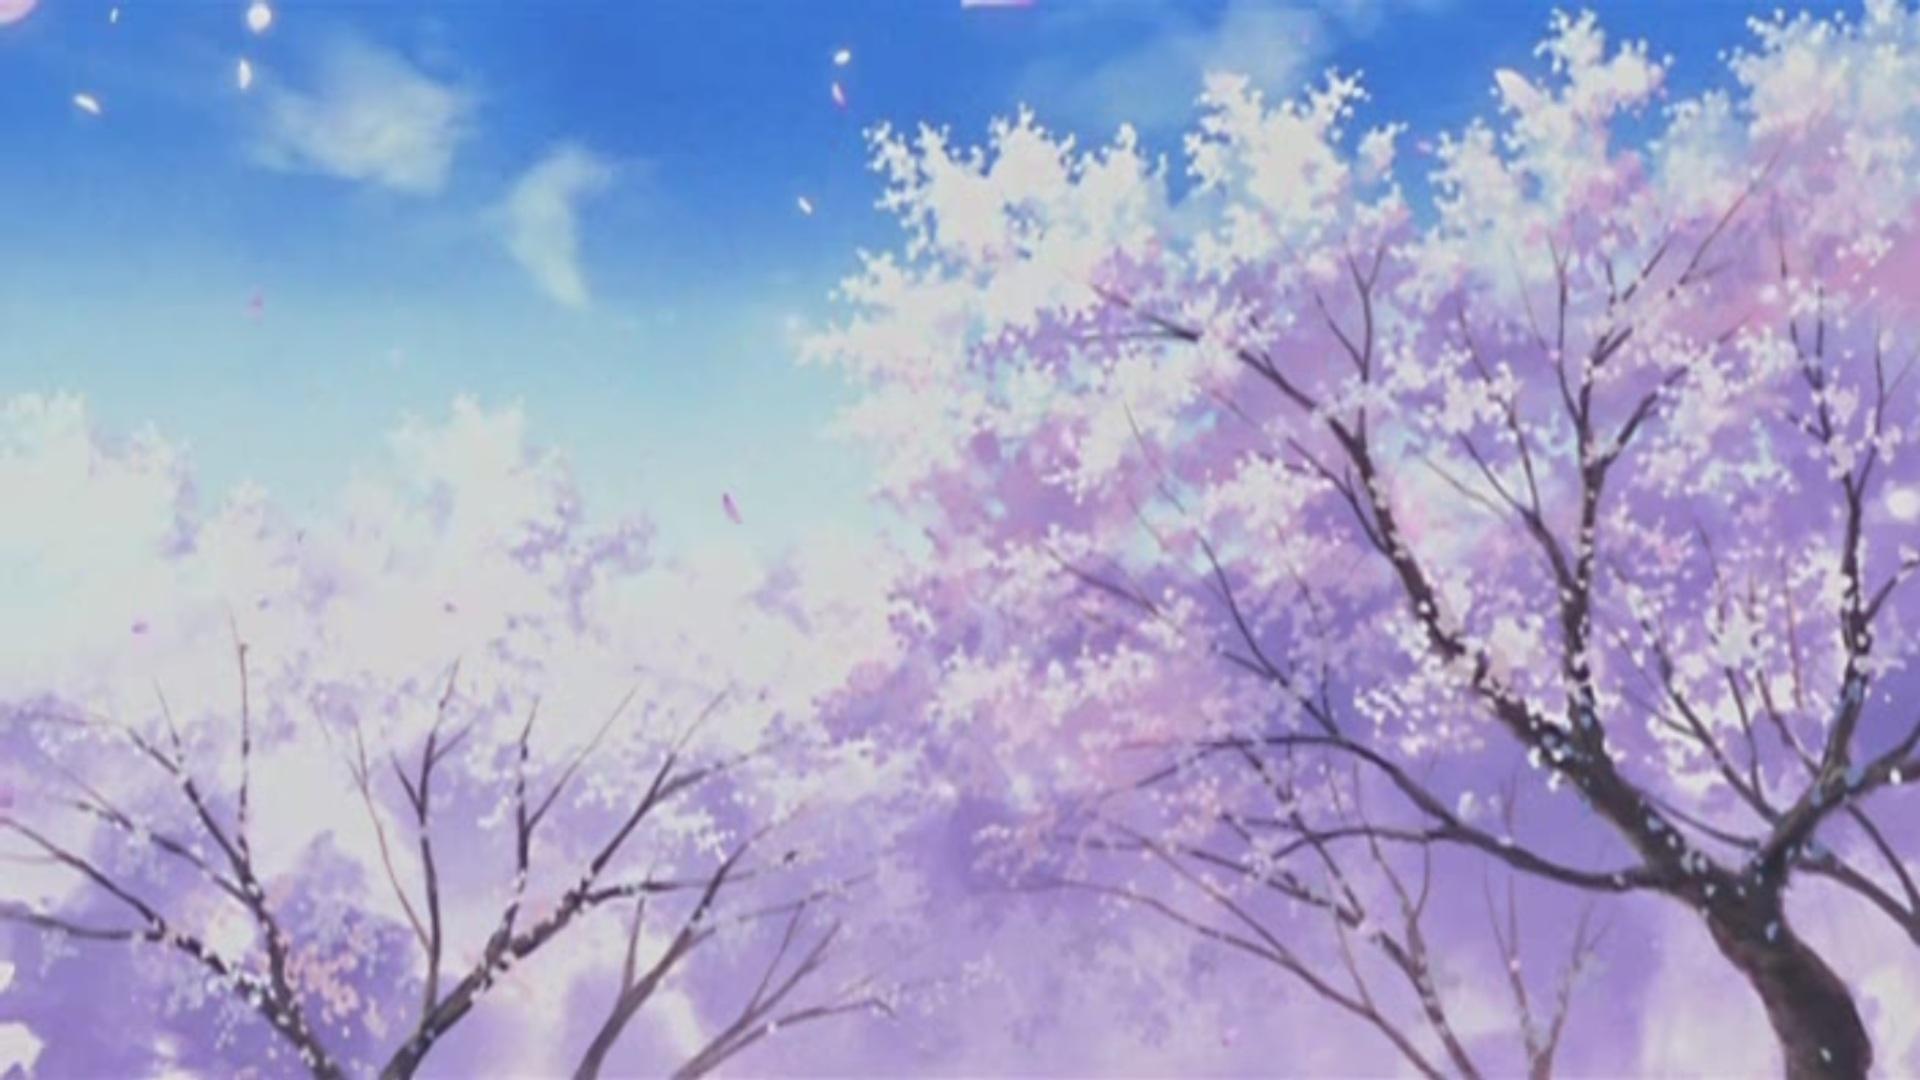 Unduh 400 Background Pemandangan Di Anime HD Terbaik